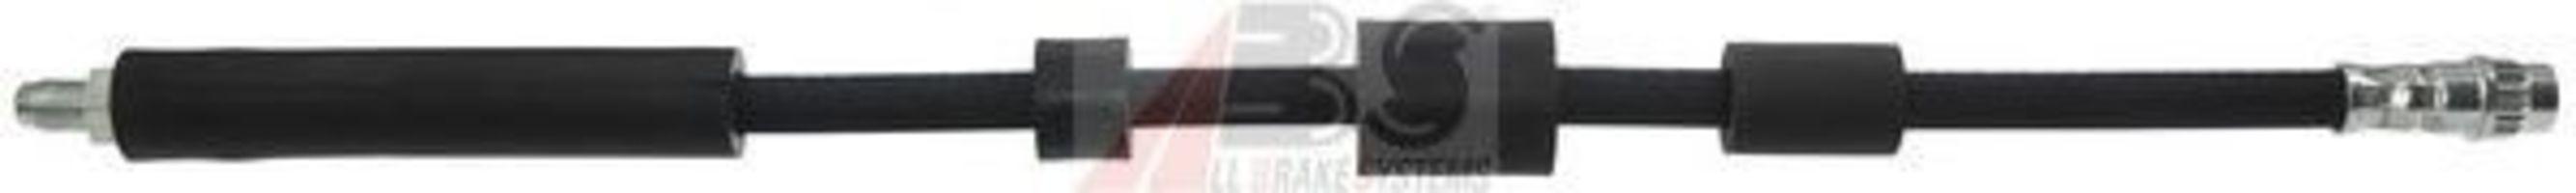 Шланг тормозной A.B.S. SL 5904